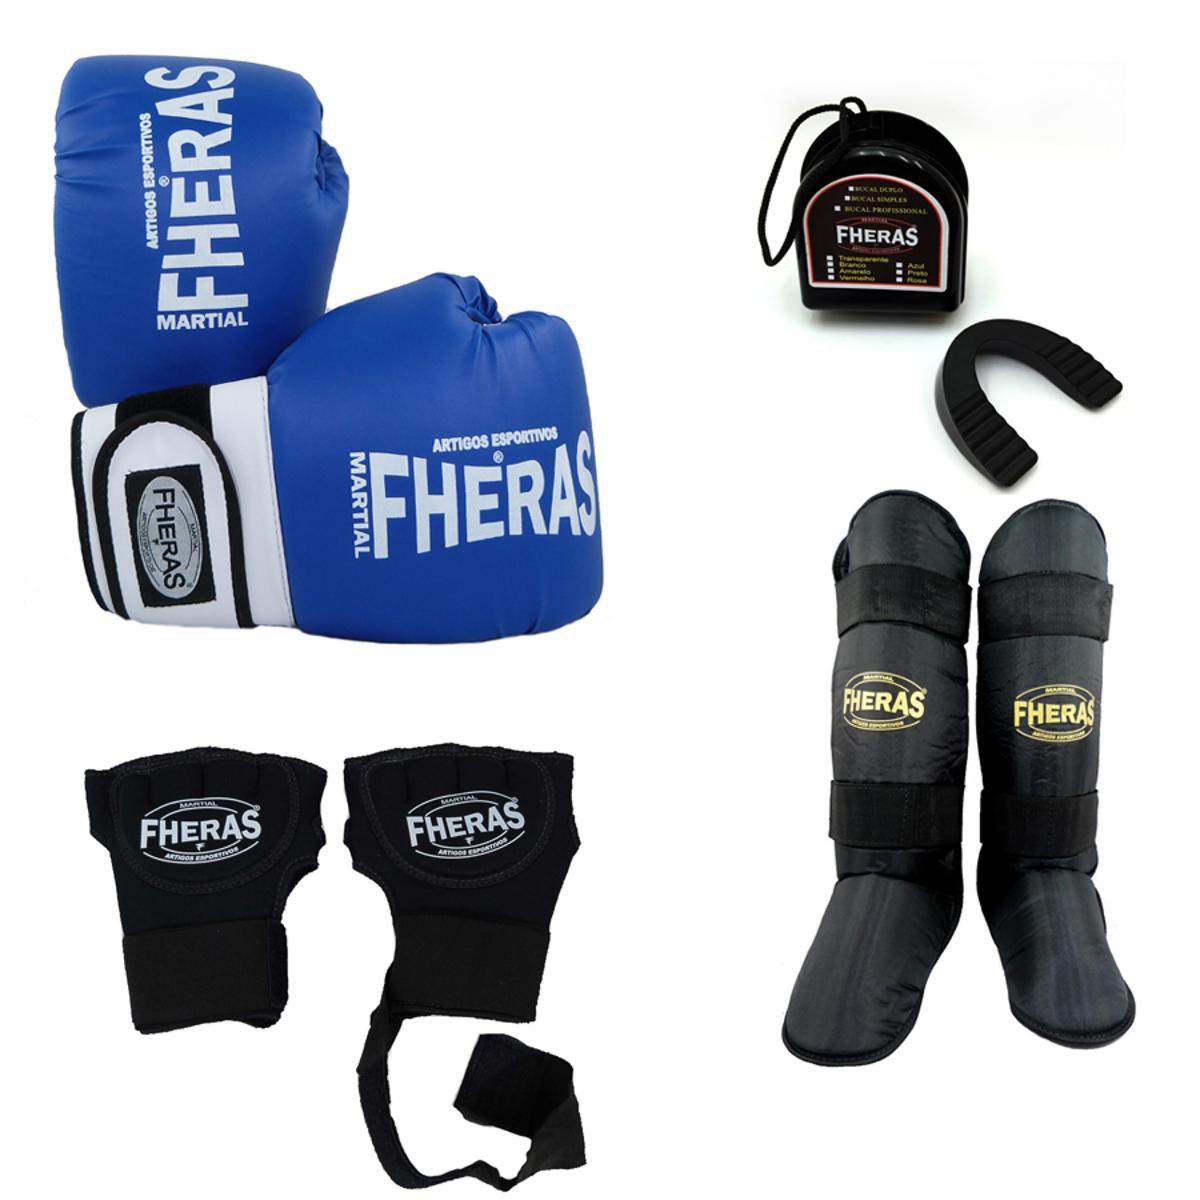 9c5a3cb81 Kit Boxe Muay Thai Orion -Luva Bandagem Rápida Bucal Caneleira-08 oz- -  Azul - Compre Agora